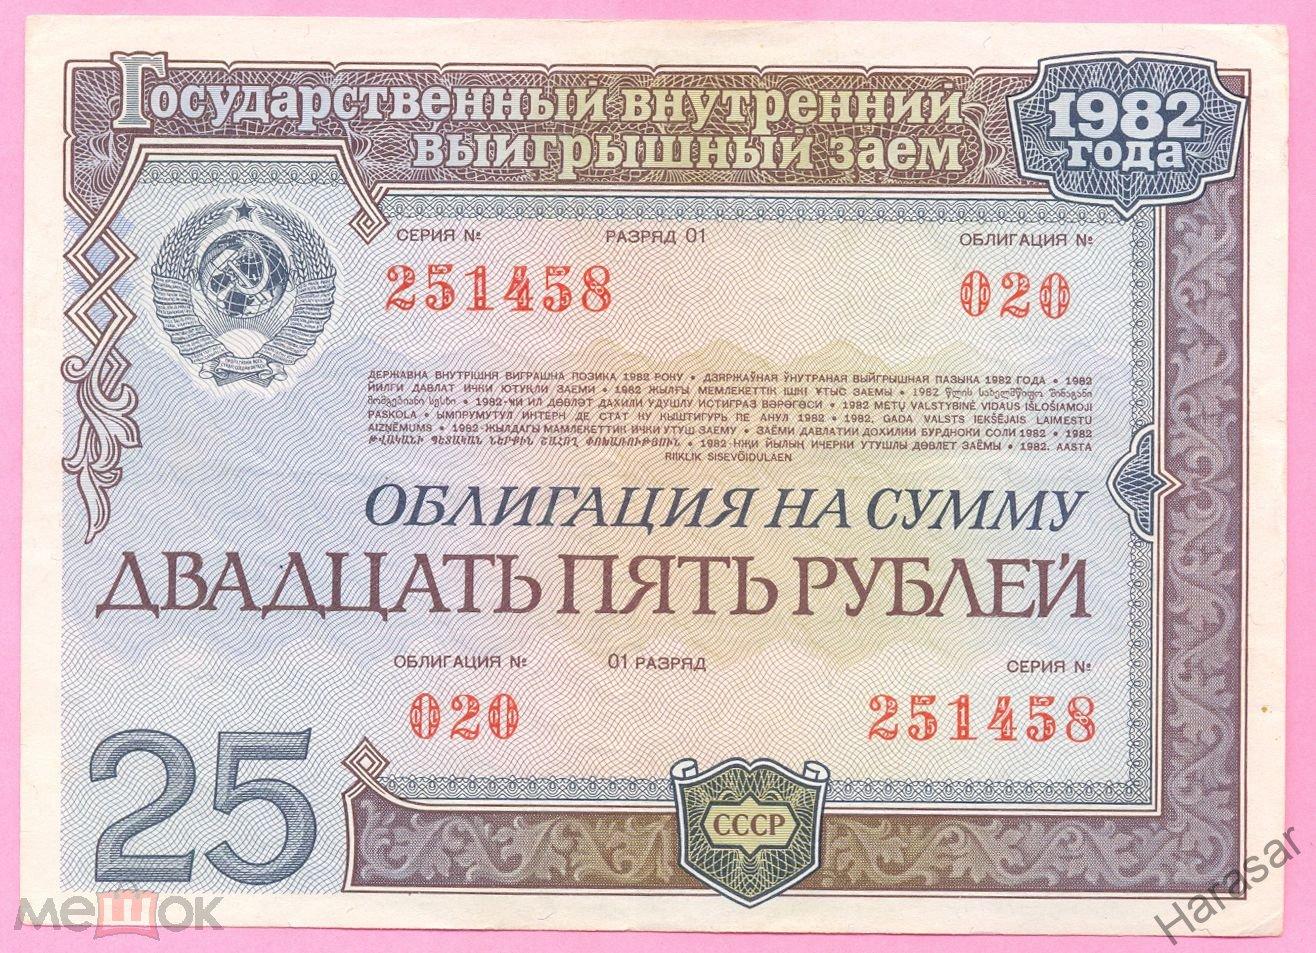 Кредит сбербанк онлайн заявка на кредит наличными пенсионерам